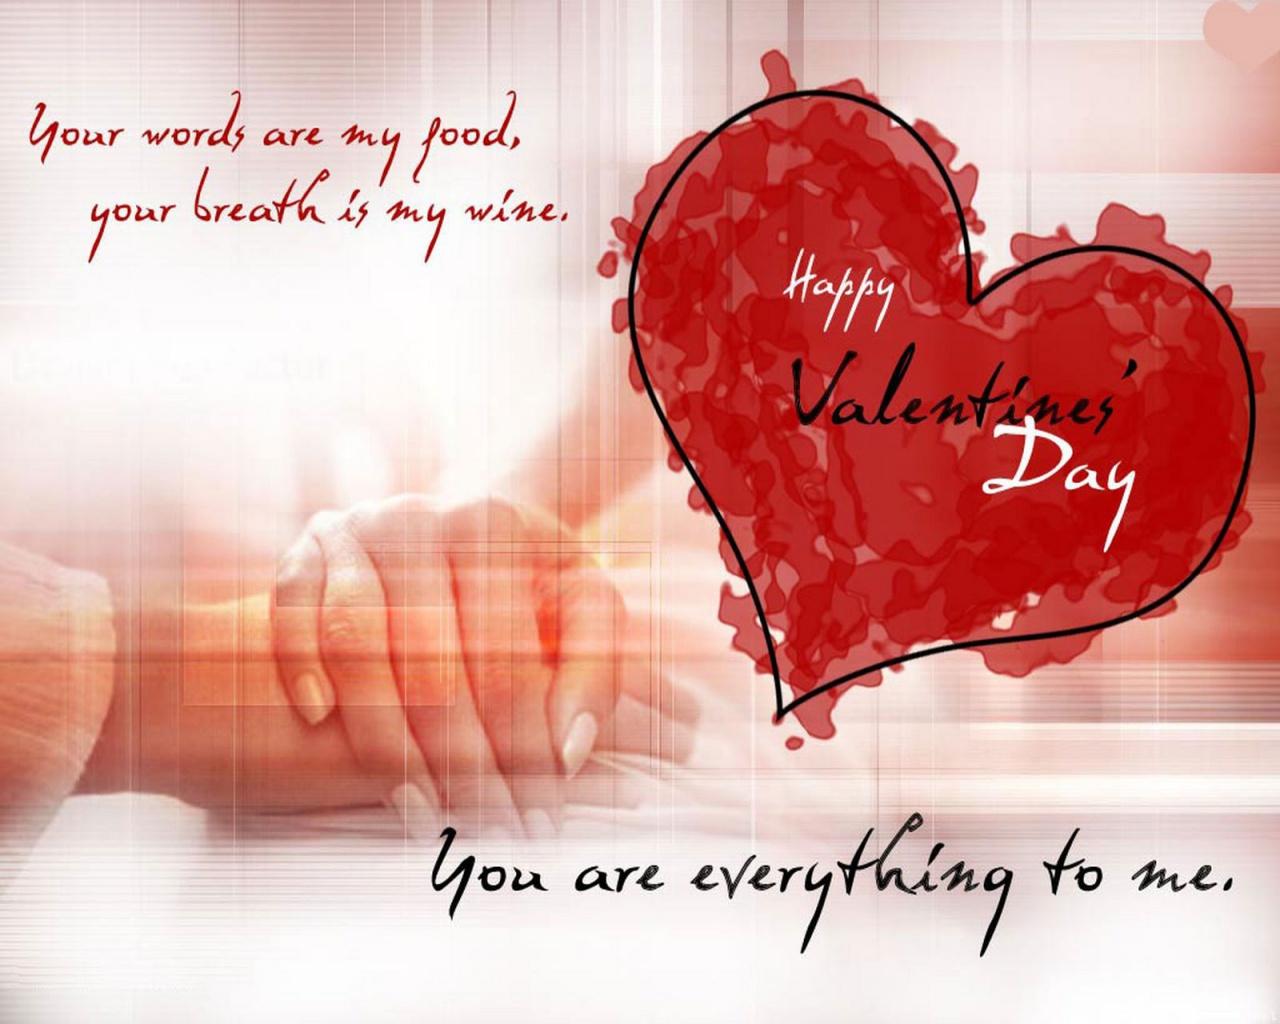 Happy Valentines Day Desktop Wallpaper Valentine S Day Info